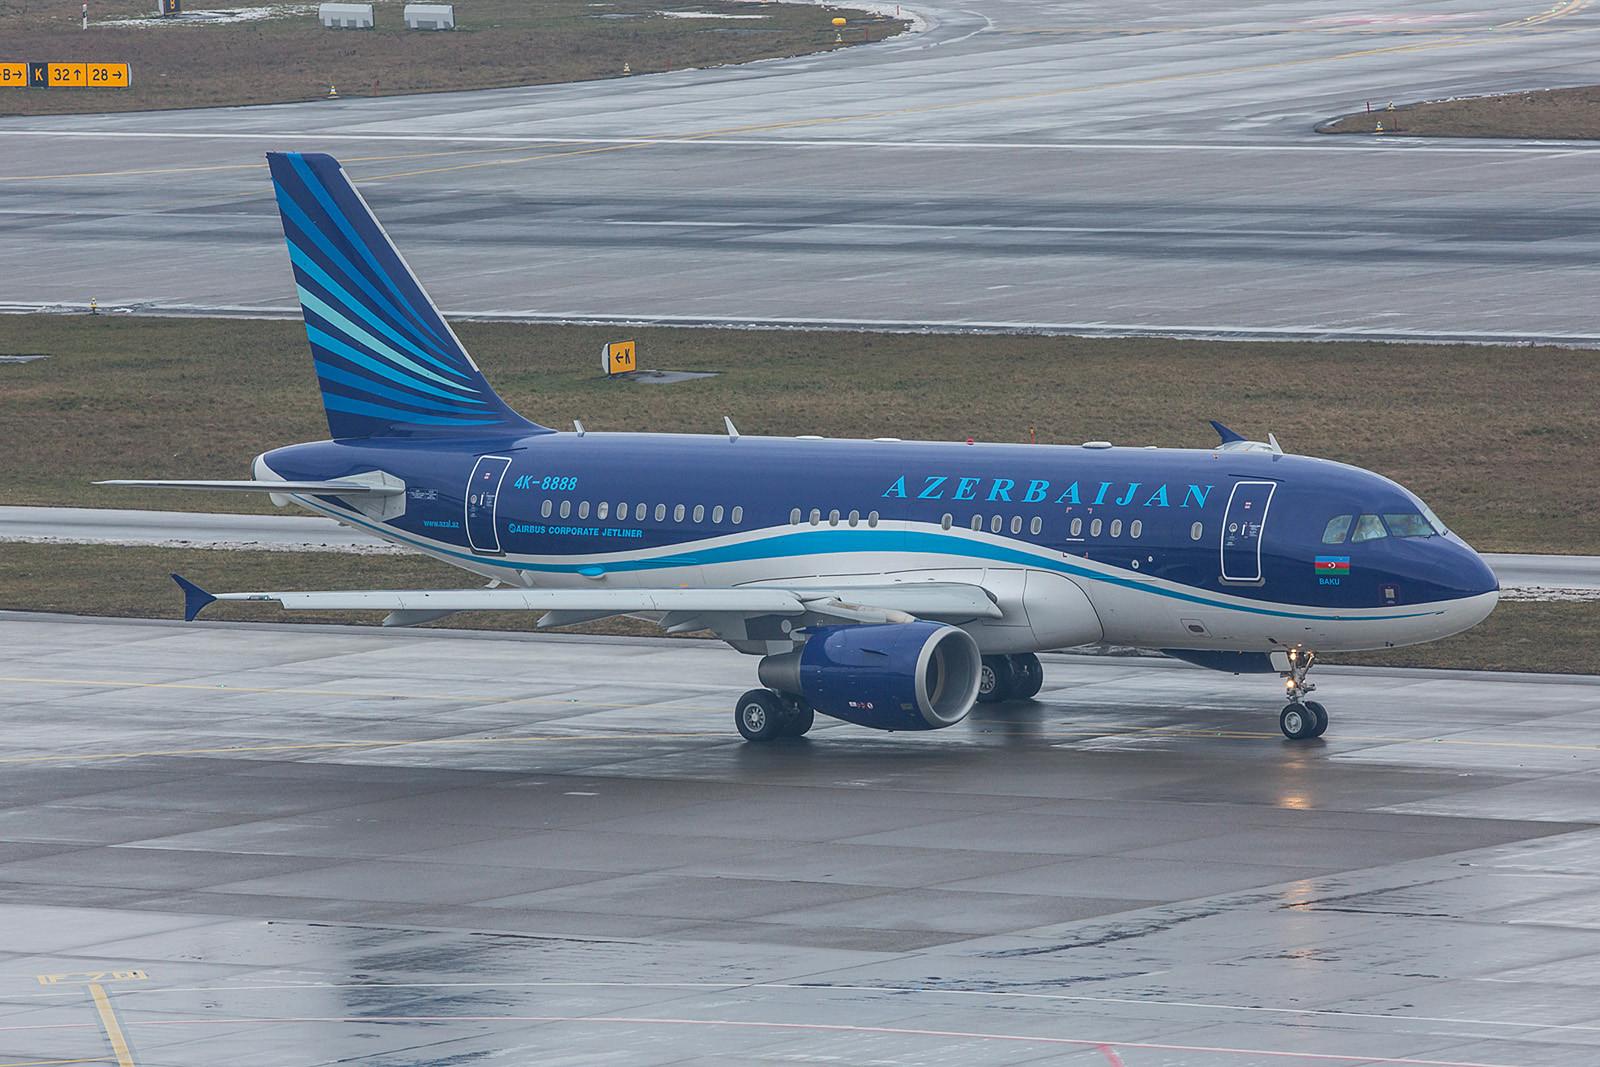 4K-8888, dieser Airbus A319-100 flog für die Regierung von Azerbaidschan